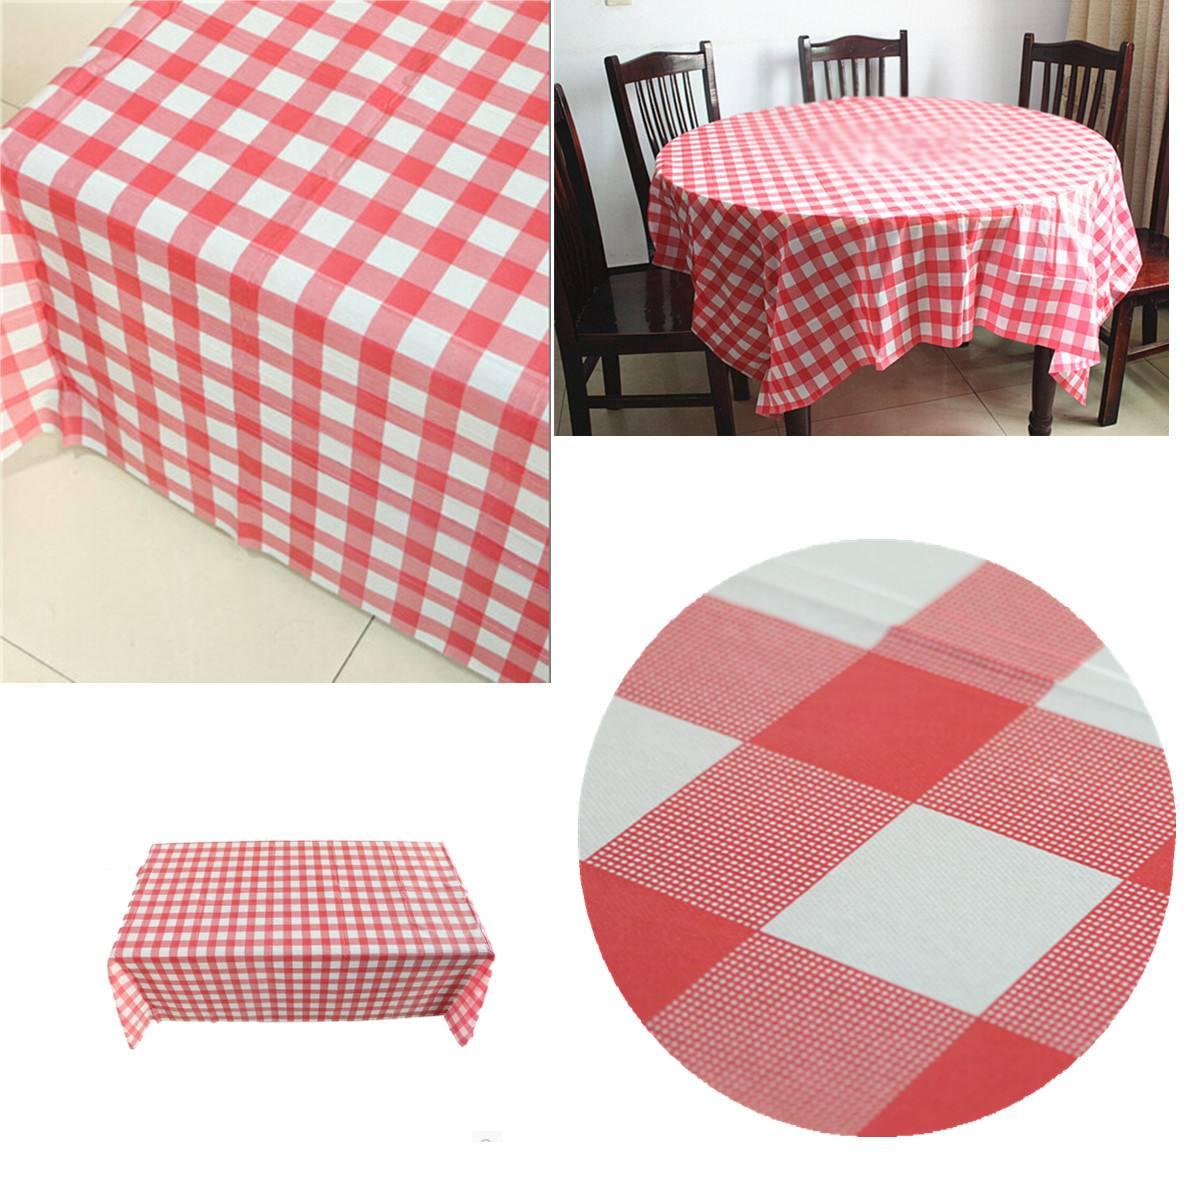 160x160 Cm Rode Pastel Plastic Wegwerp Controleren Tafelkleed Tafelkleed Party Outdoor Picknick Gebruikt Voor Tafelkleden Stoelbekleding Met Een Langdurige Reputatie